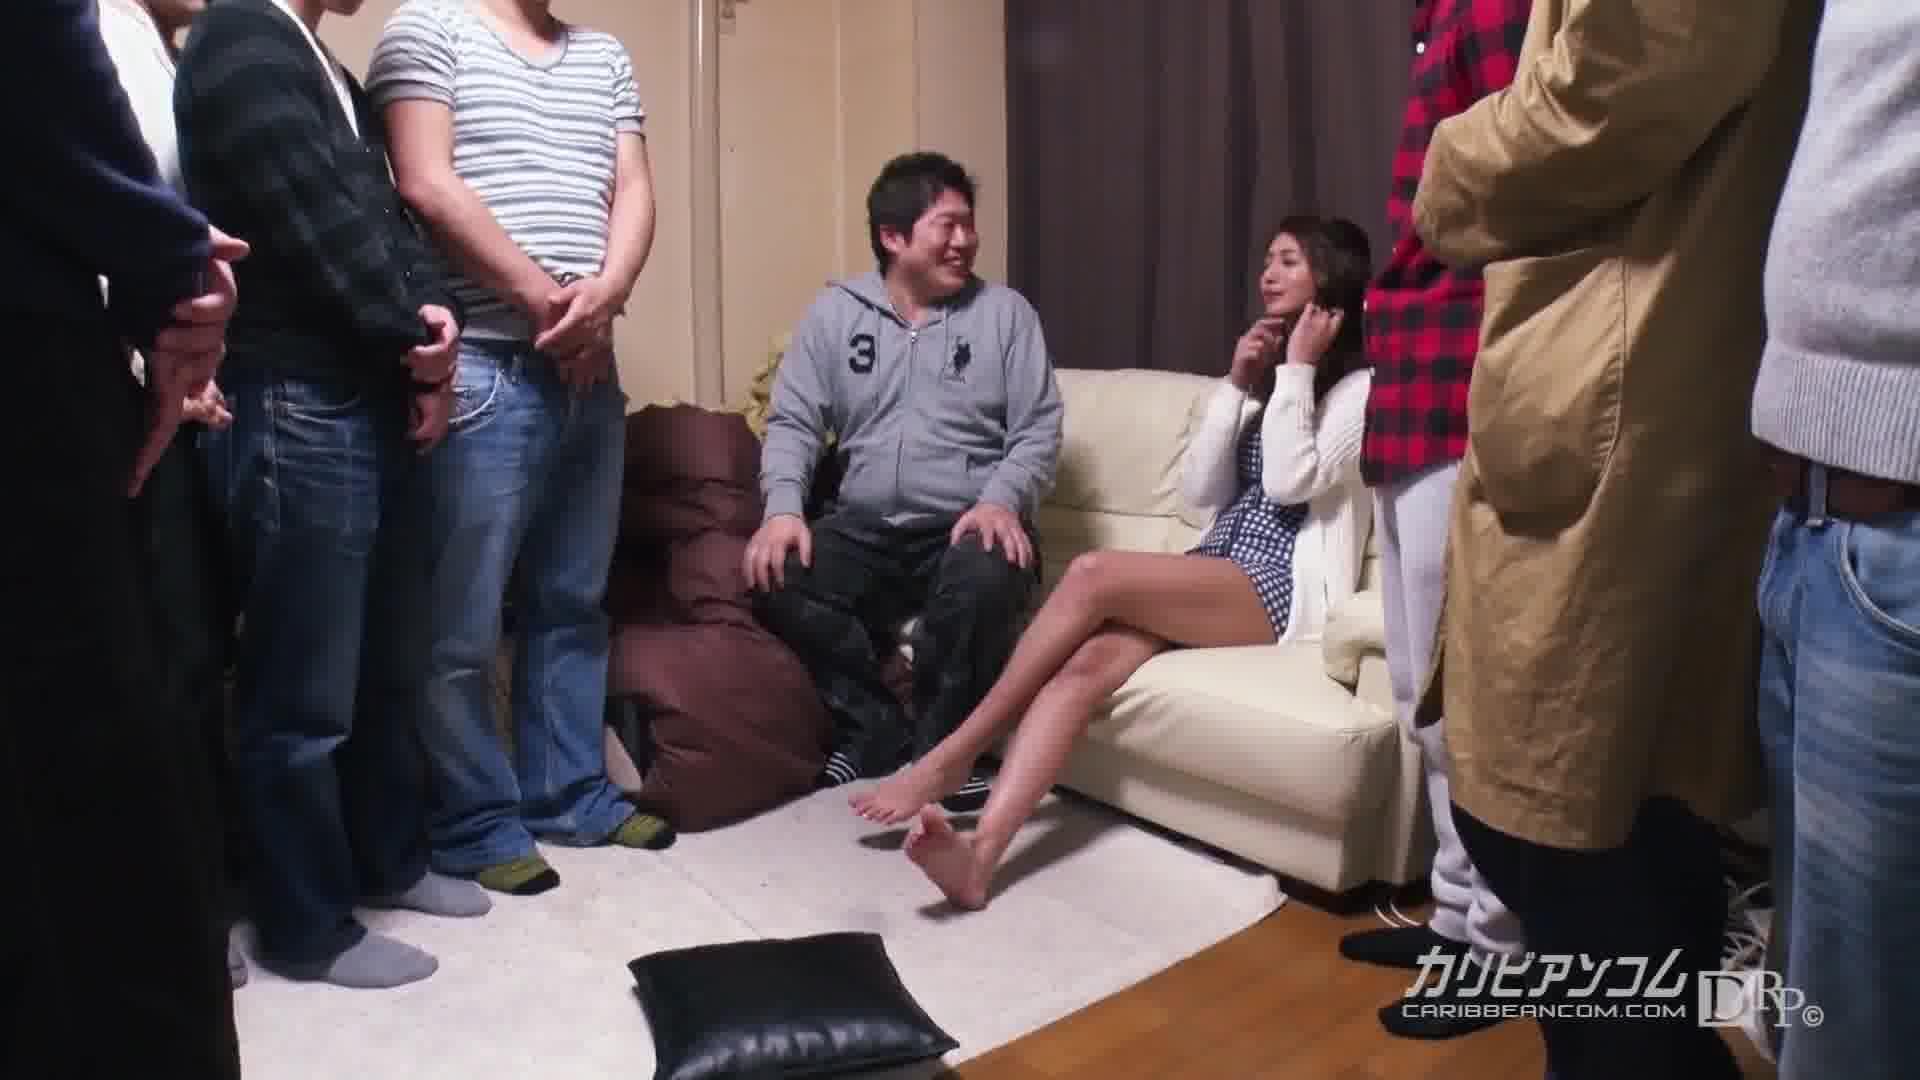 麻生希ファン感謝祭 ~10人の取り巻きとファンのお宅訪問~ - 麻生希【ギャル・乱交・巨乳】